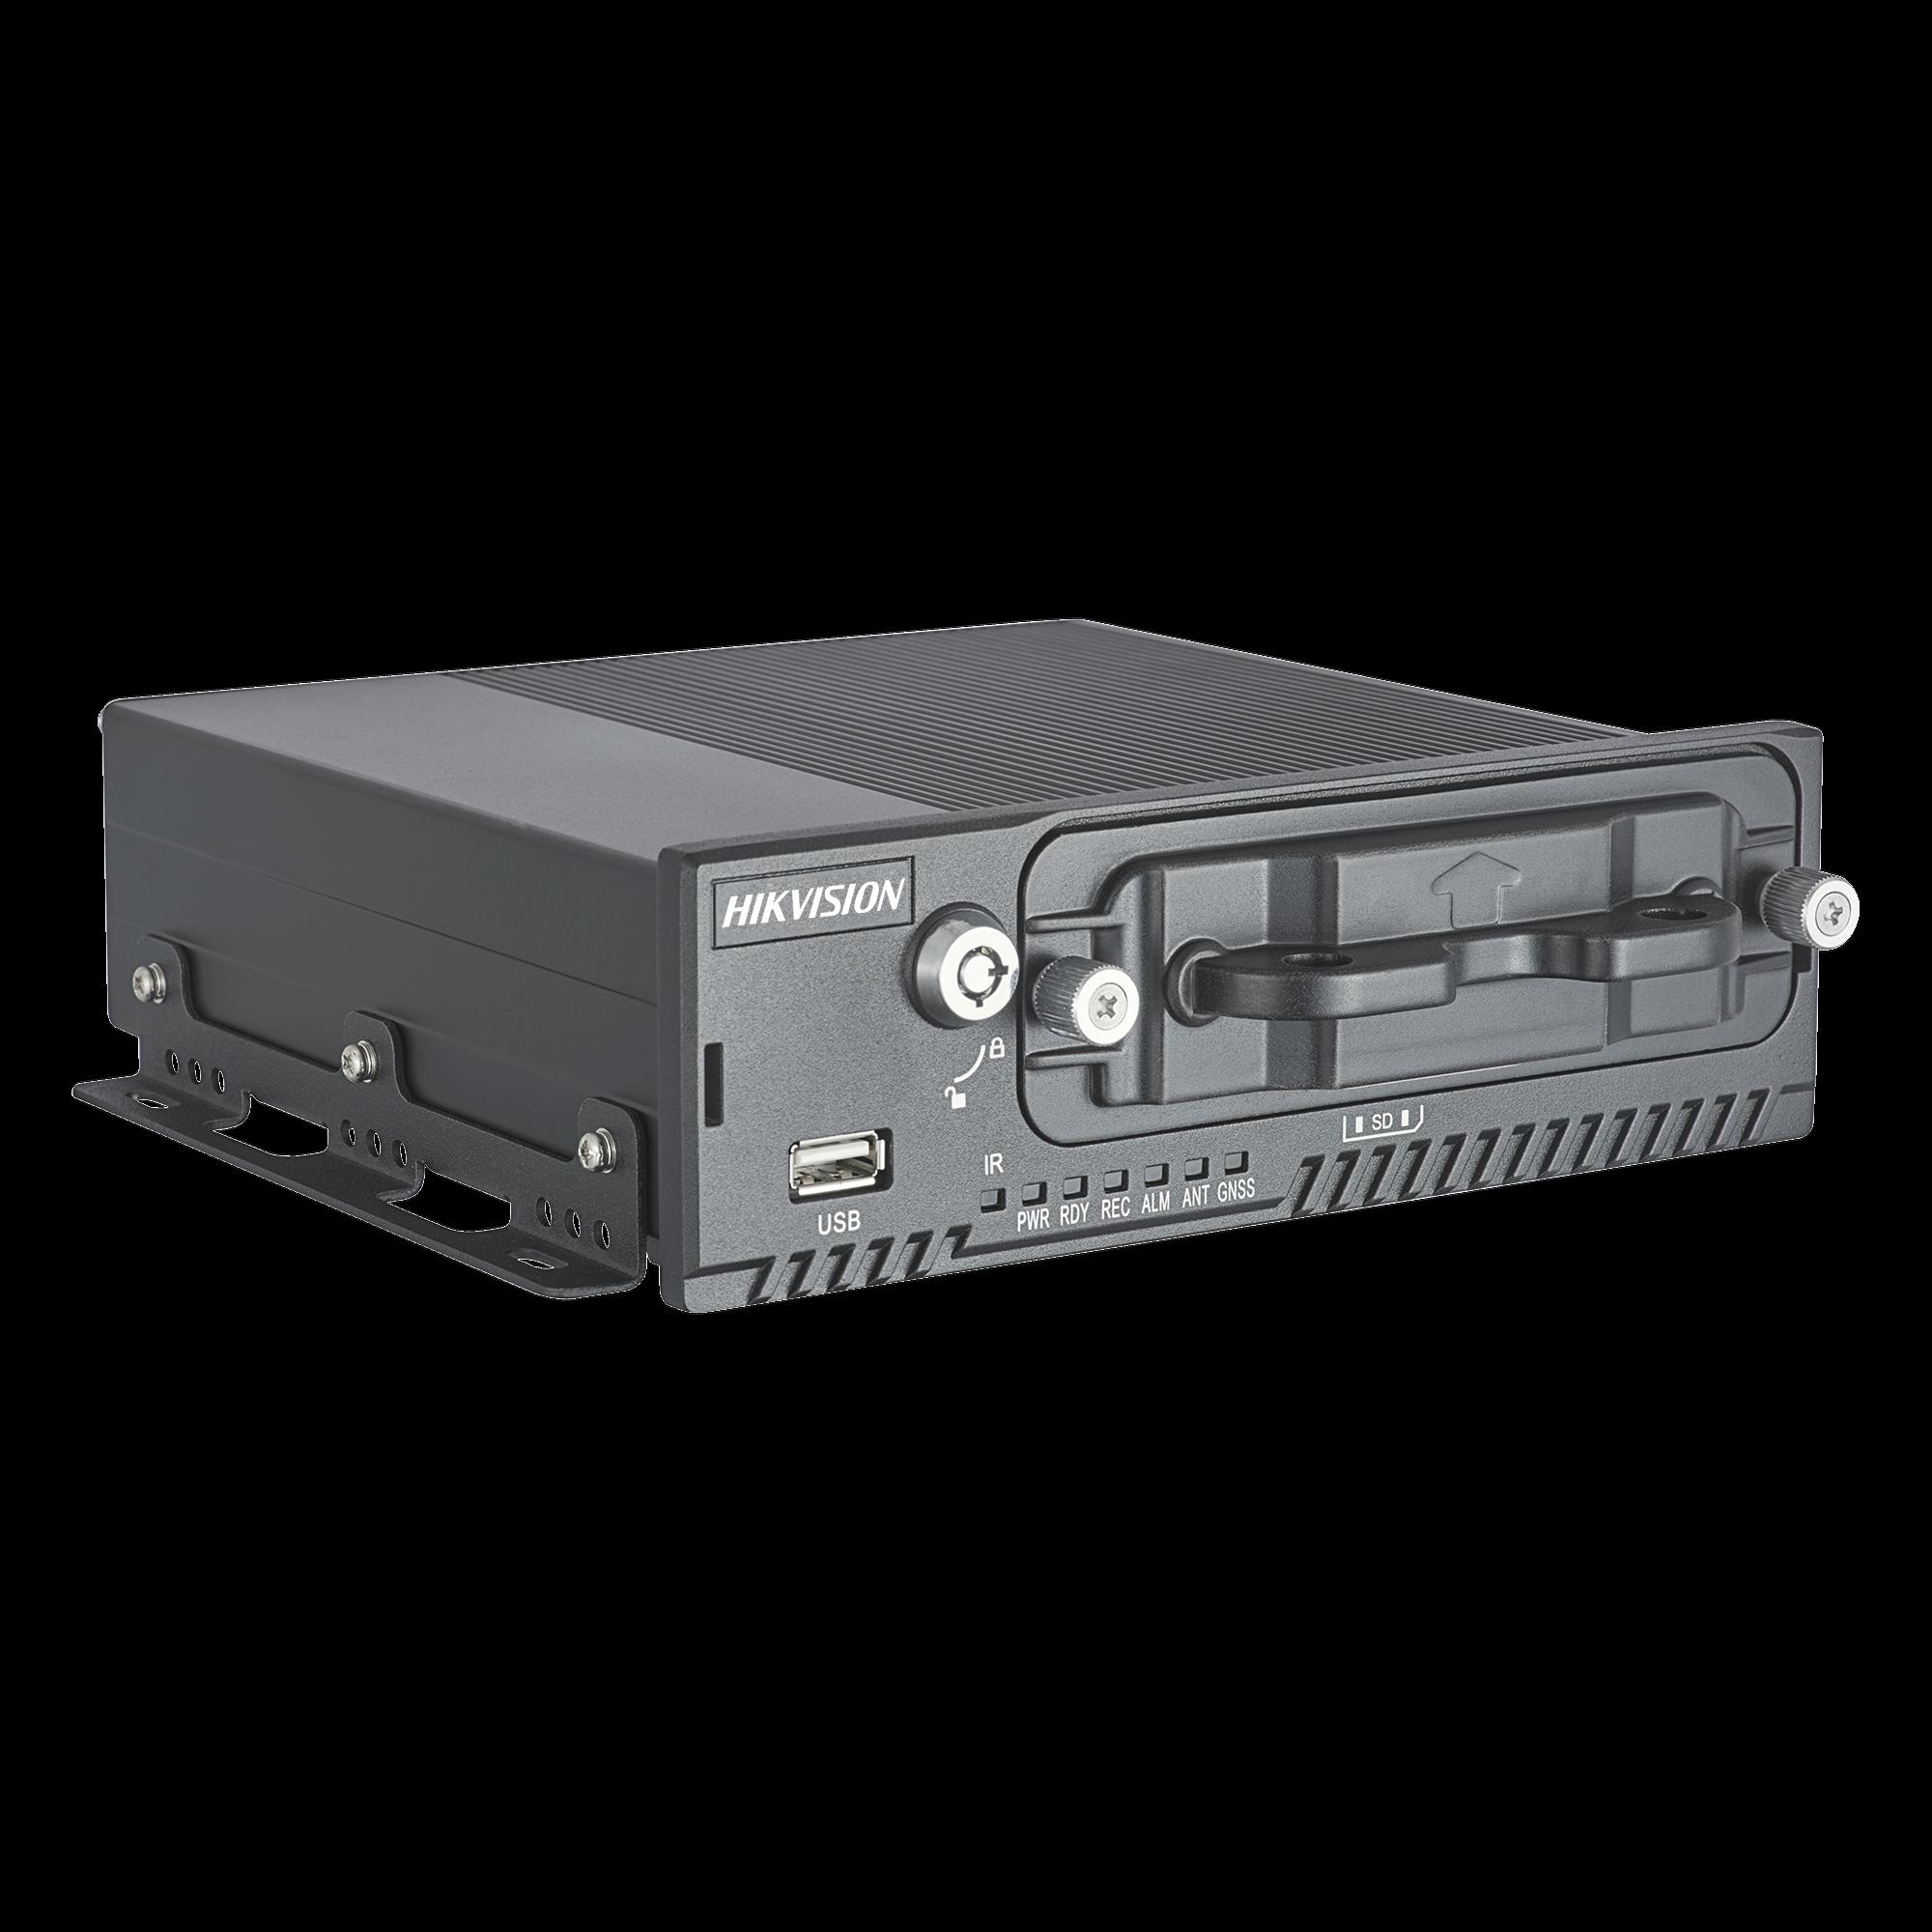 DVR Movil 4 Canales 720P / Soporta 3G, GPS y WiFi / 1 TB de Disco Incluido / Monitoreo Remoto / Soporta Memoria SD